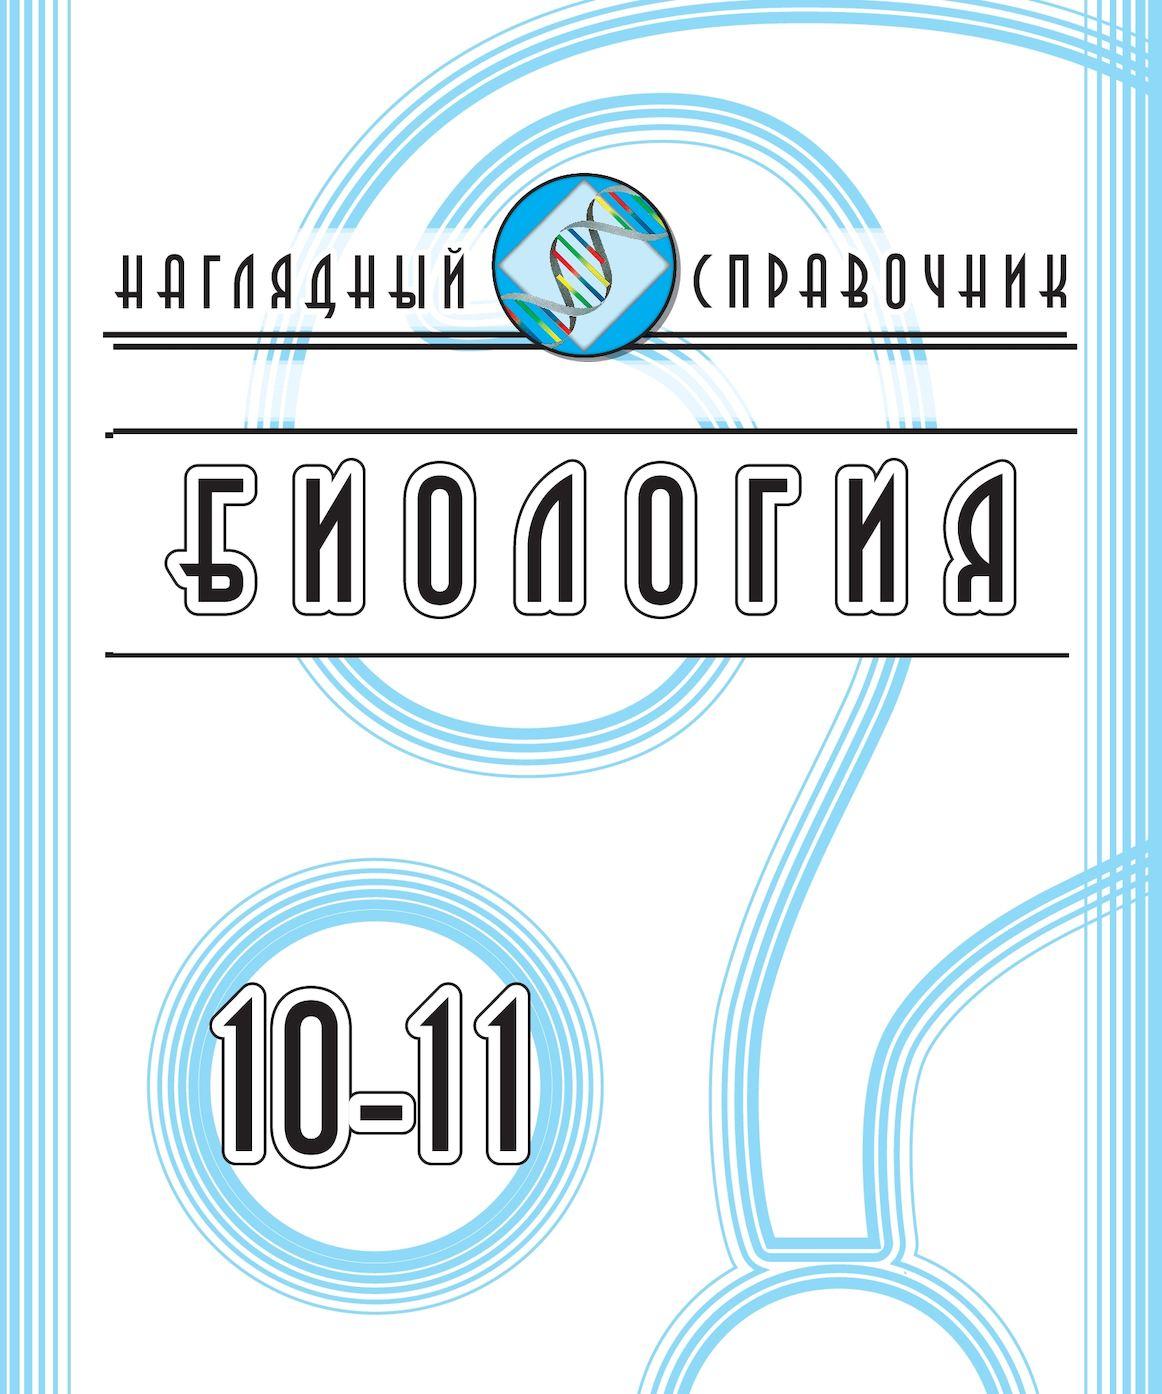 Биология 10 11кл Наглядный справочник Красильникова Т В 2006